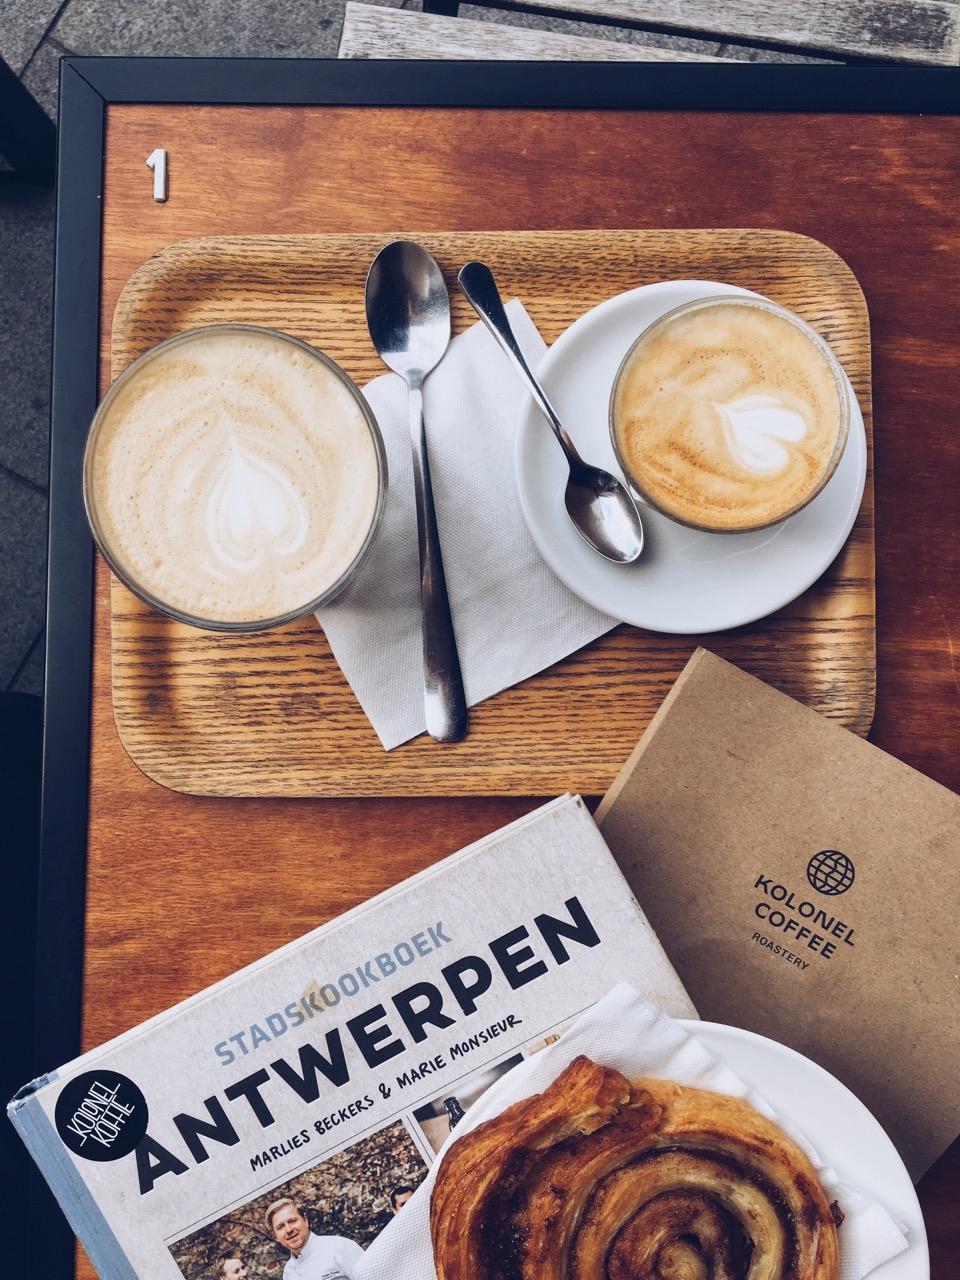 Kolonel_coffee_antwerpen